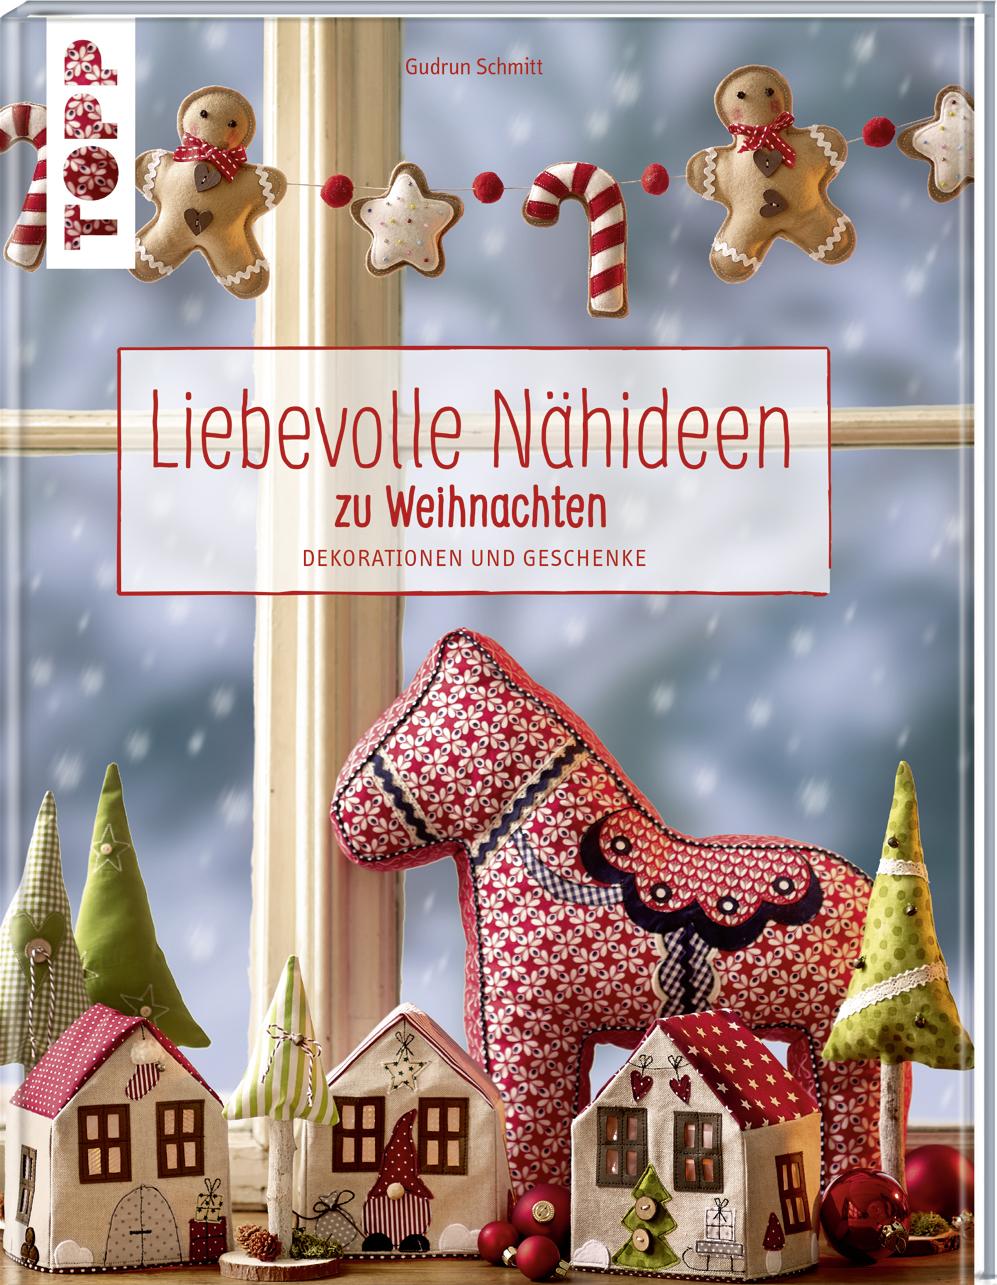 Liebevolle Nähideen zu Weihnachten\